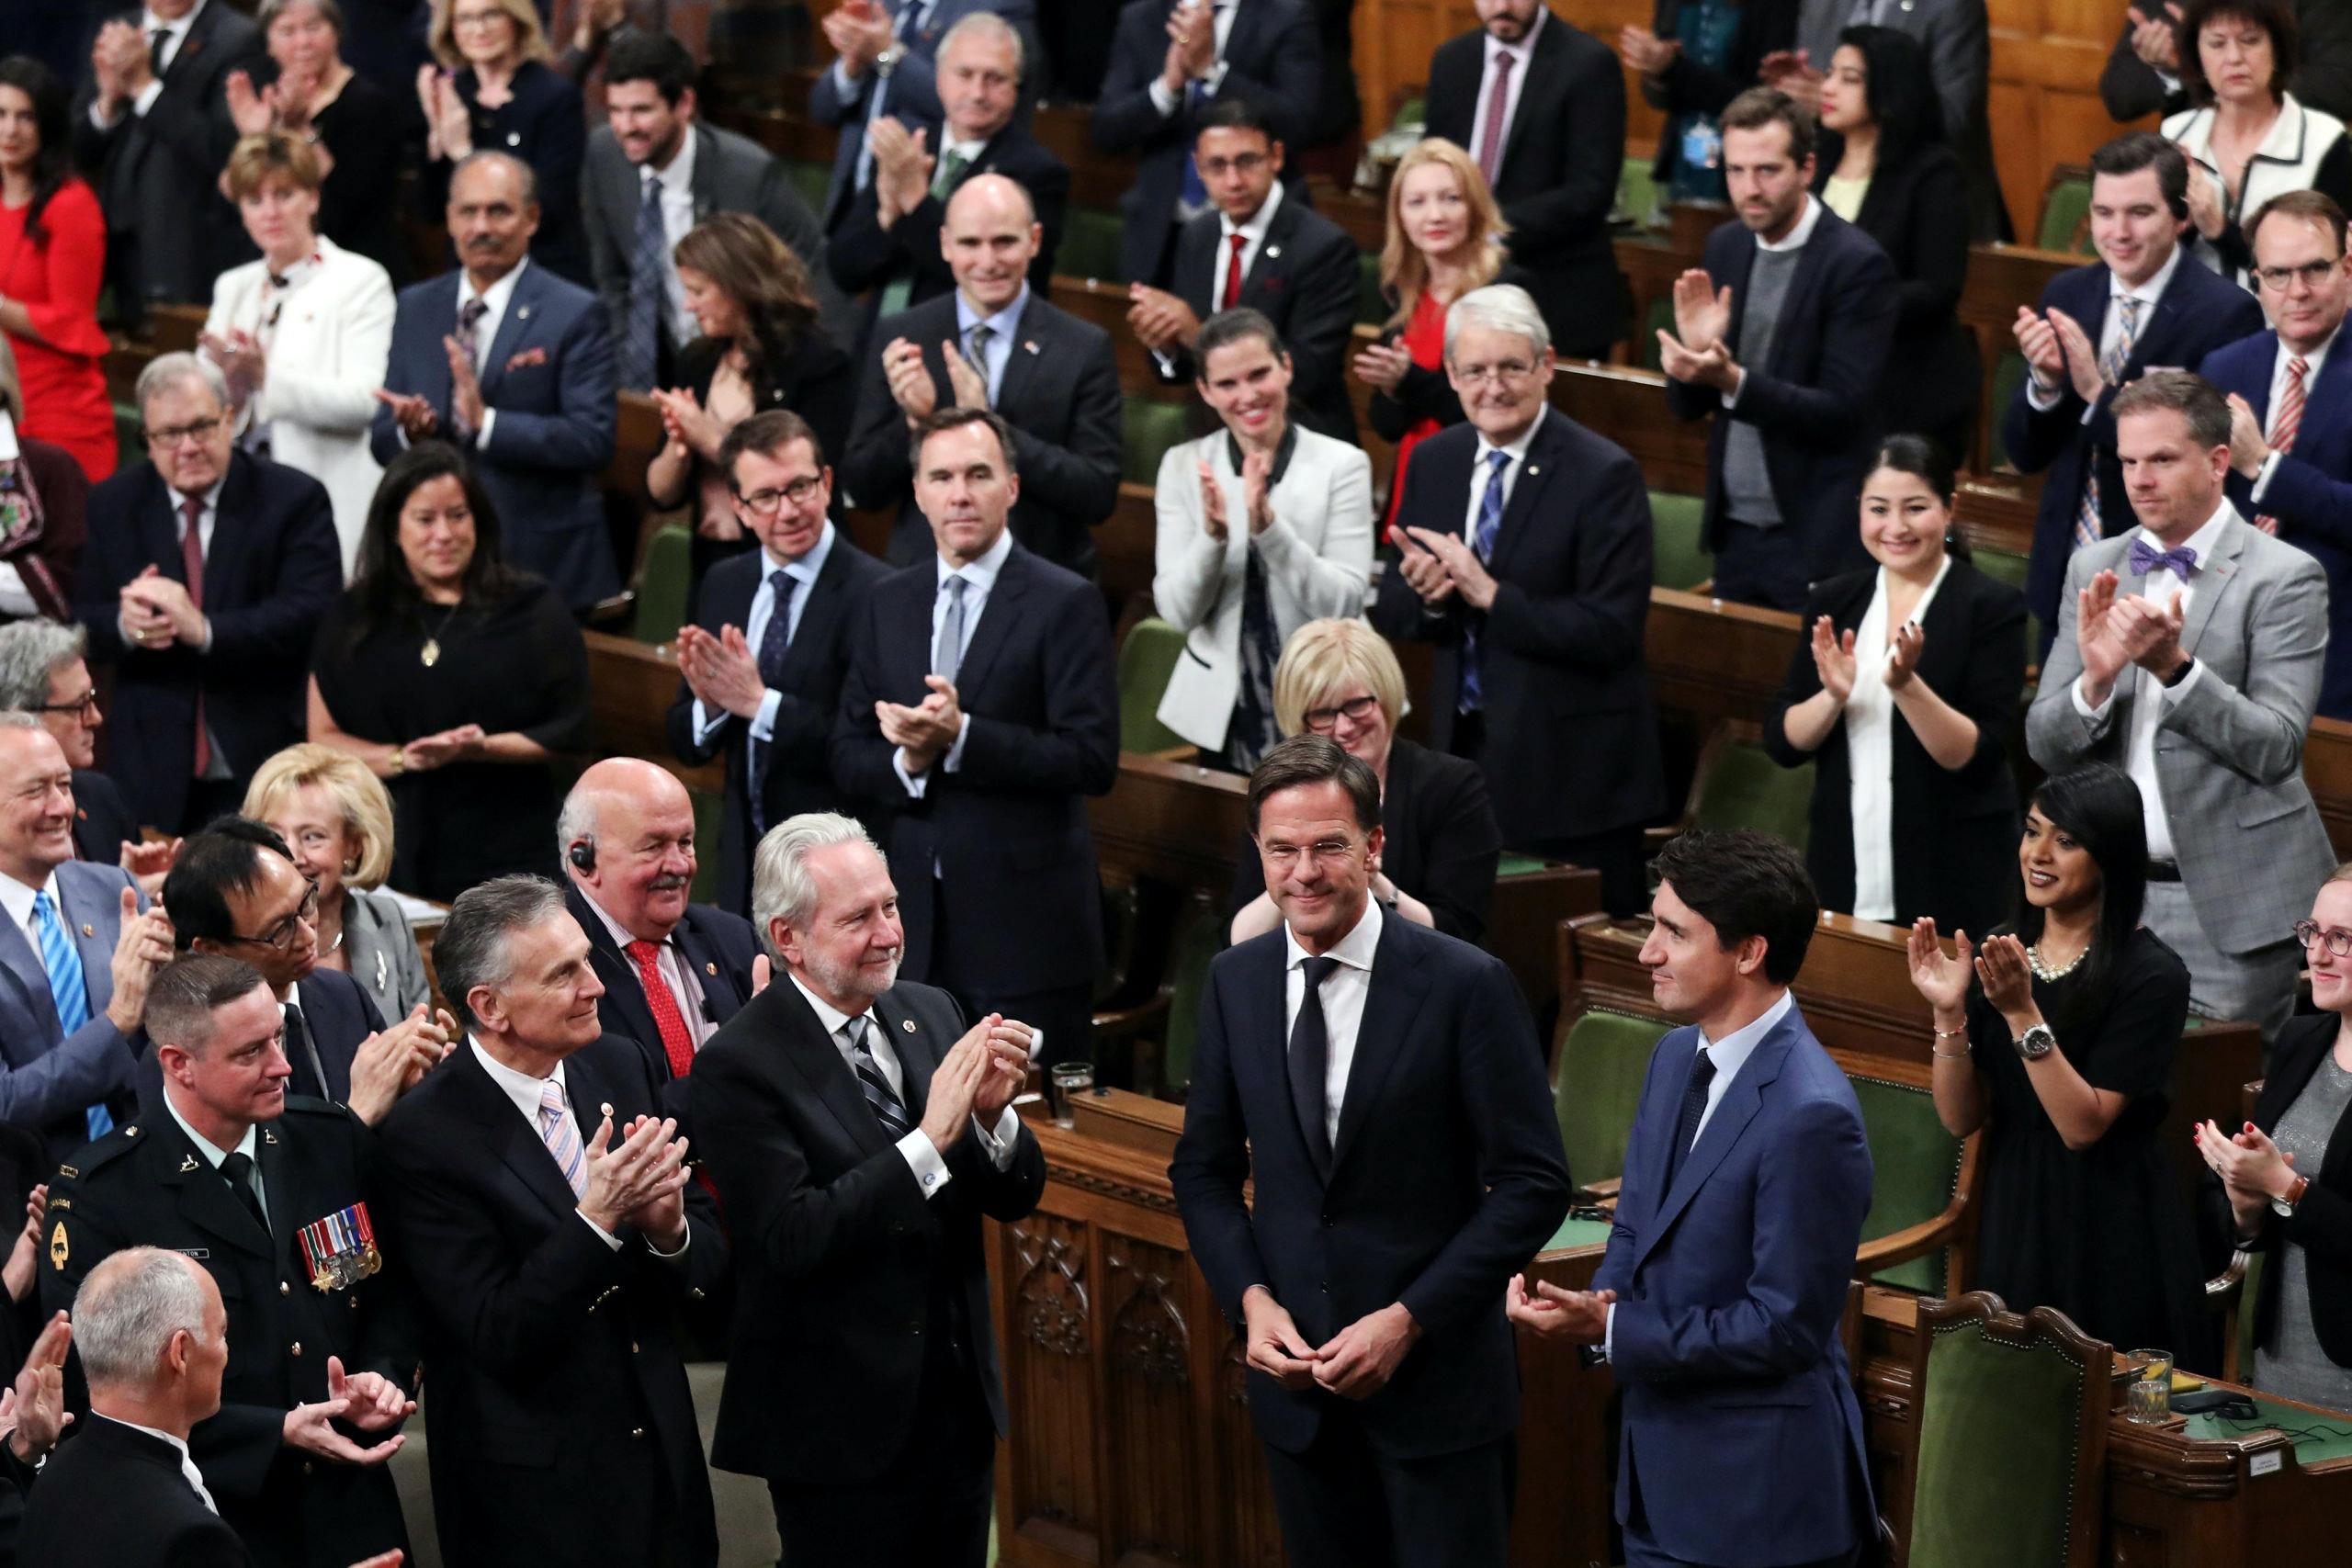 Premier Mark Rutte krijgt een staande ovatie na zijn toespraak in het Canadese parlement in Ottawa.